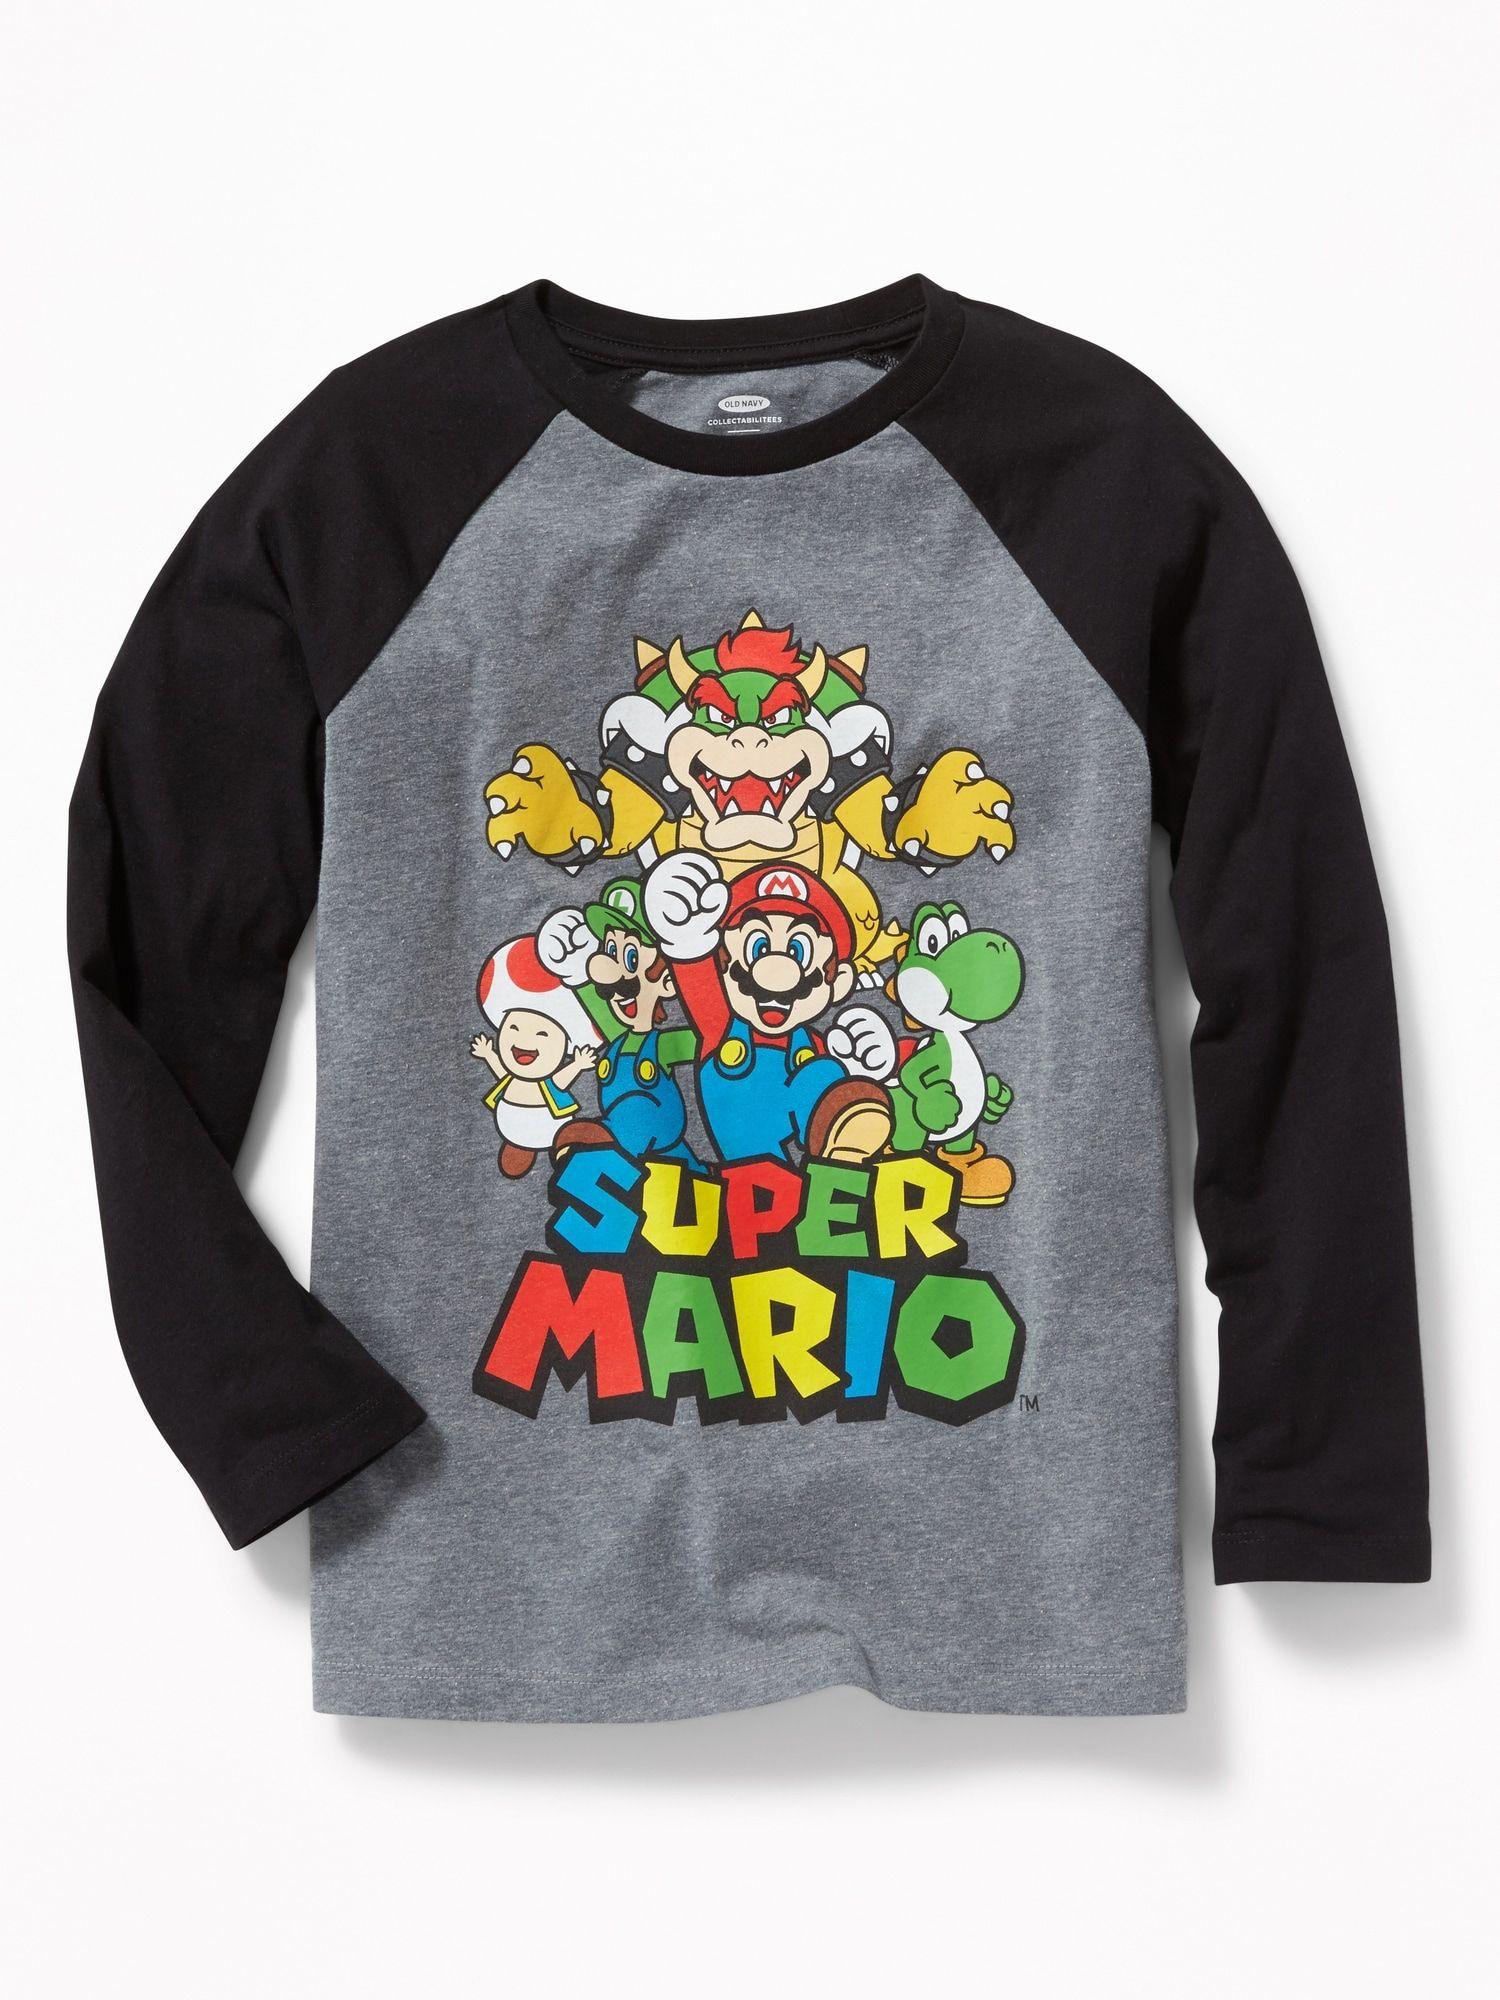 Old Navy Super Mario Shirt 17 Super Mario Shirt Mario Shirt Mario Bros [ 2000 x 1500 Pixel ]